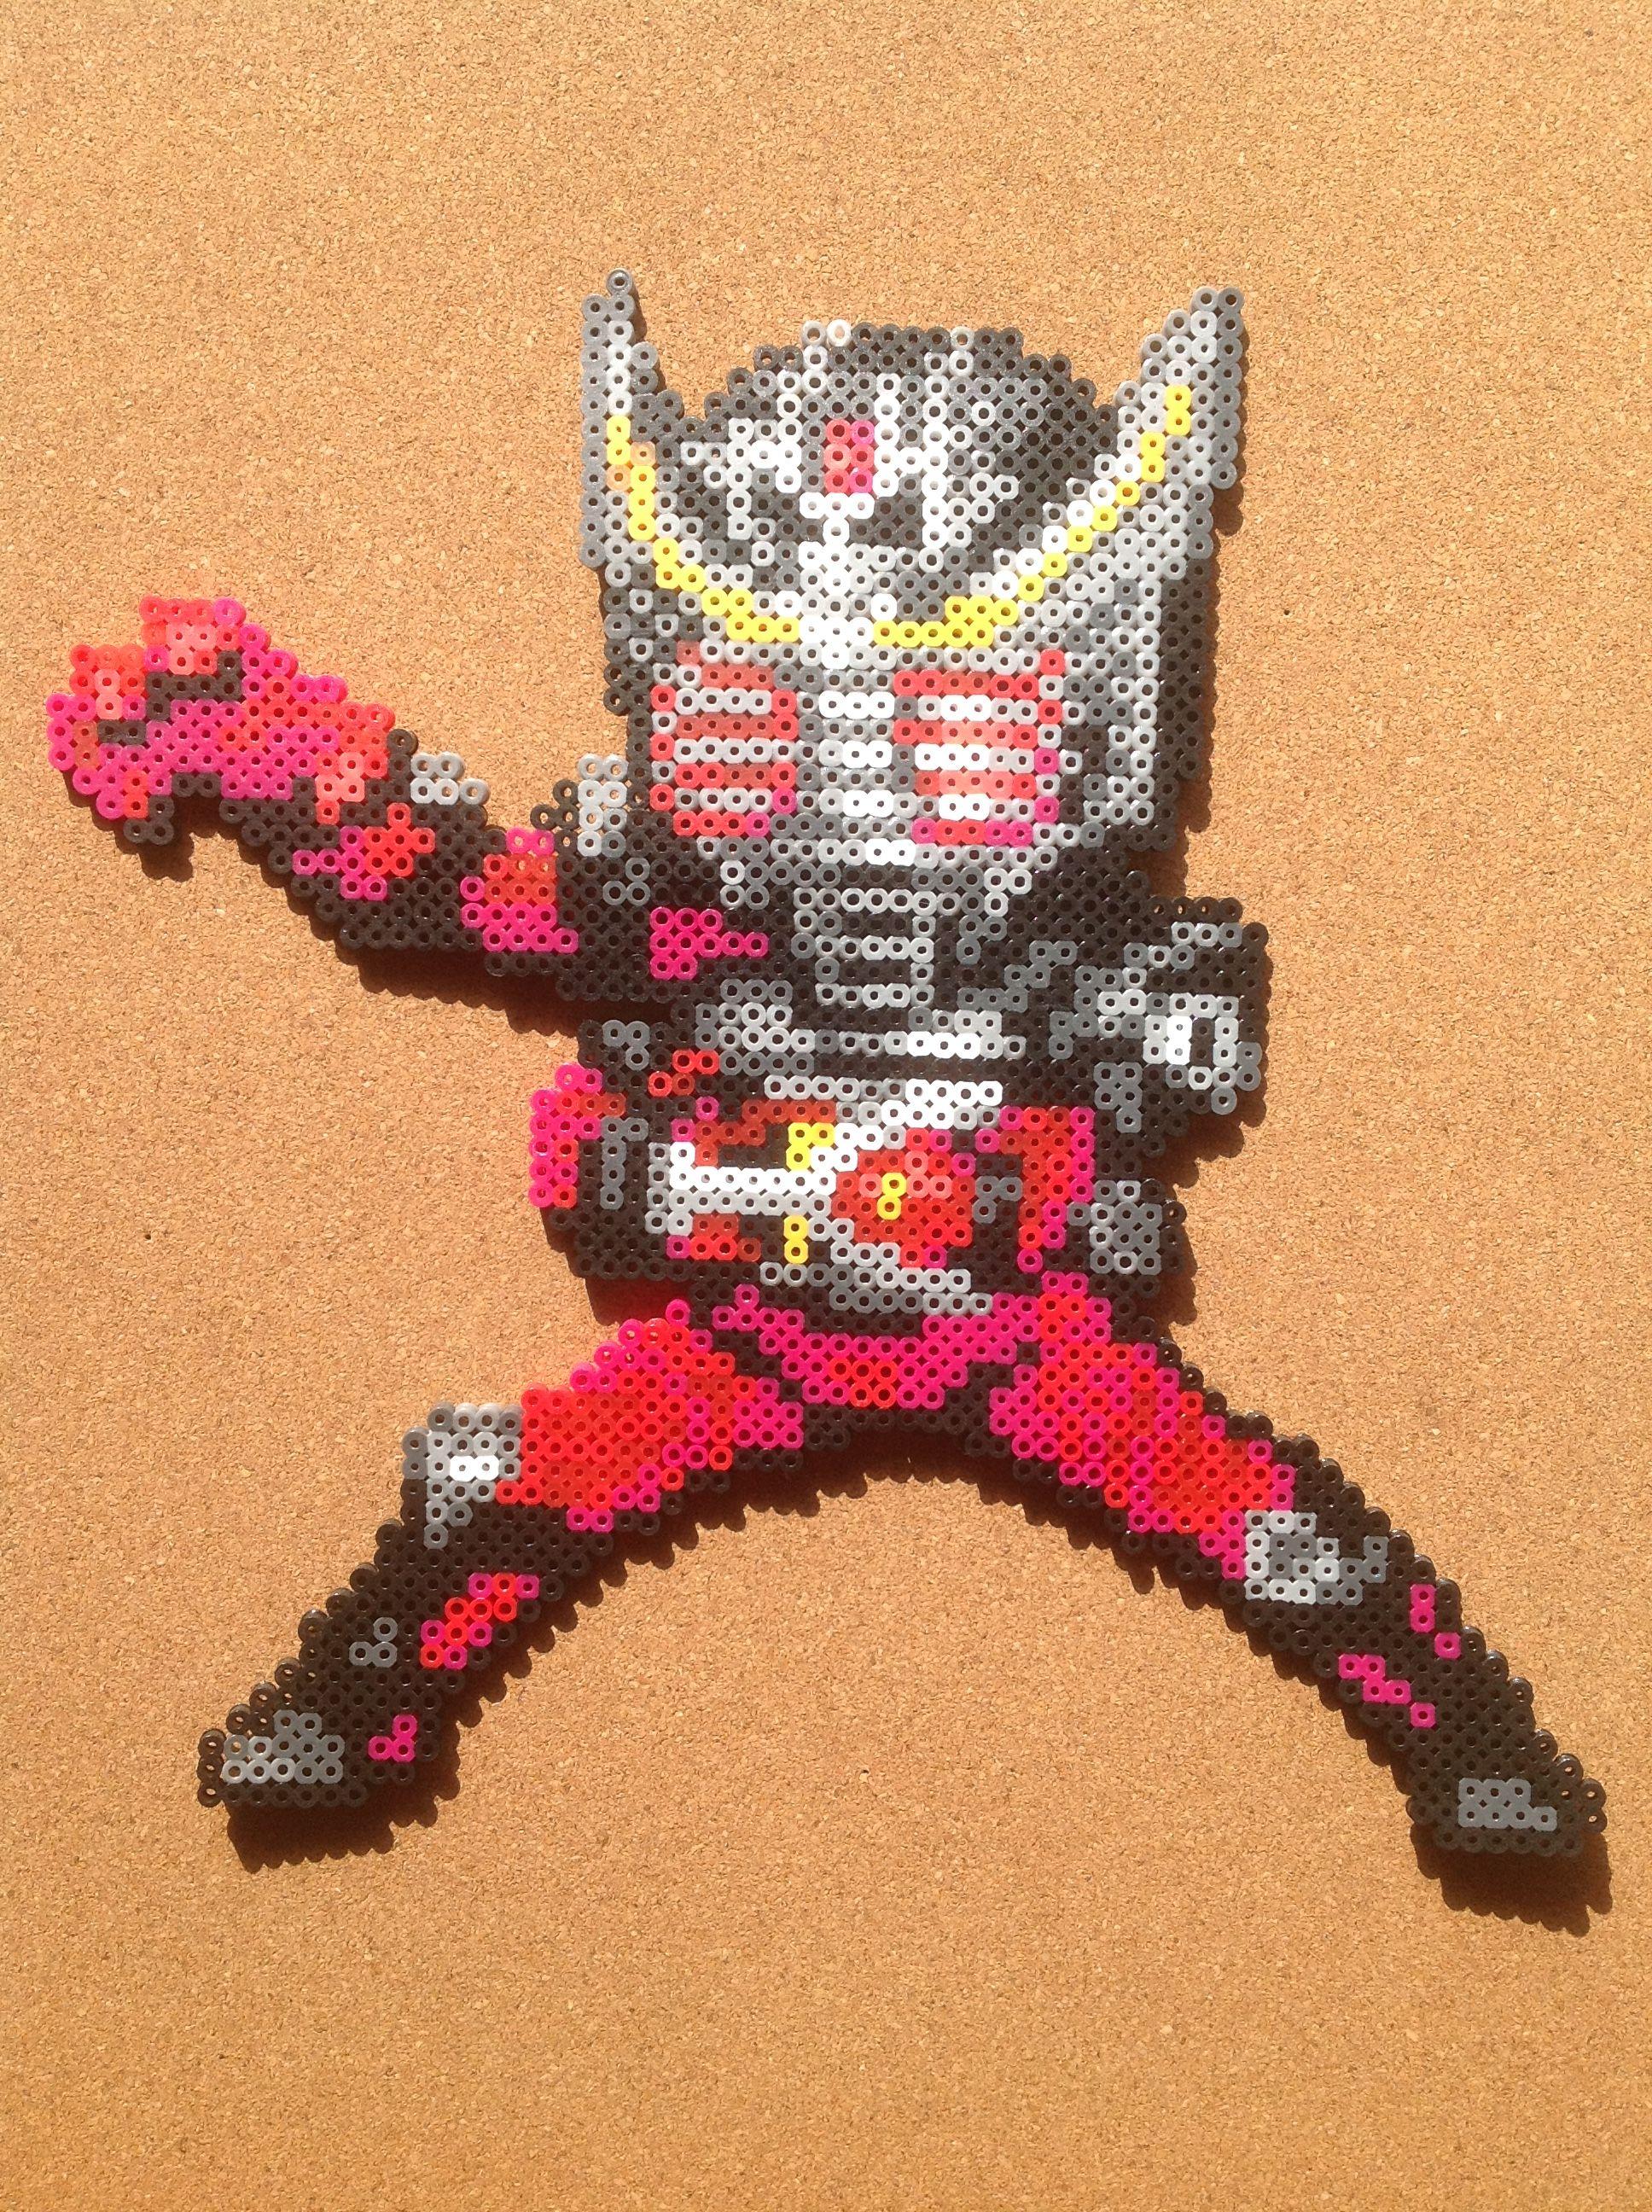 Kamen Rider Ryuki perler beads by tsubasa.yamashita fuse beads hama beads nabbi beads nano beads perler beads アイロンビーズ 拼豆 拼拼豆豆